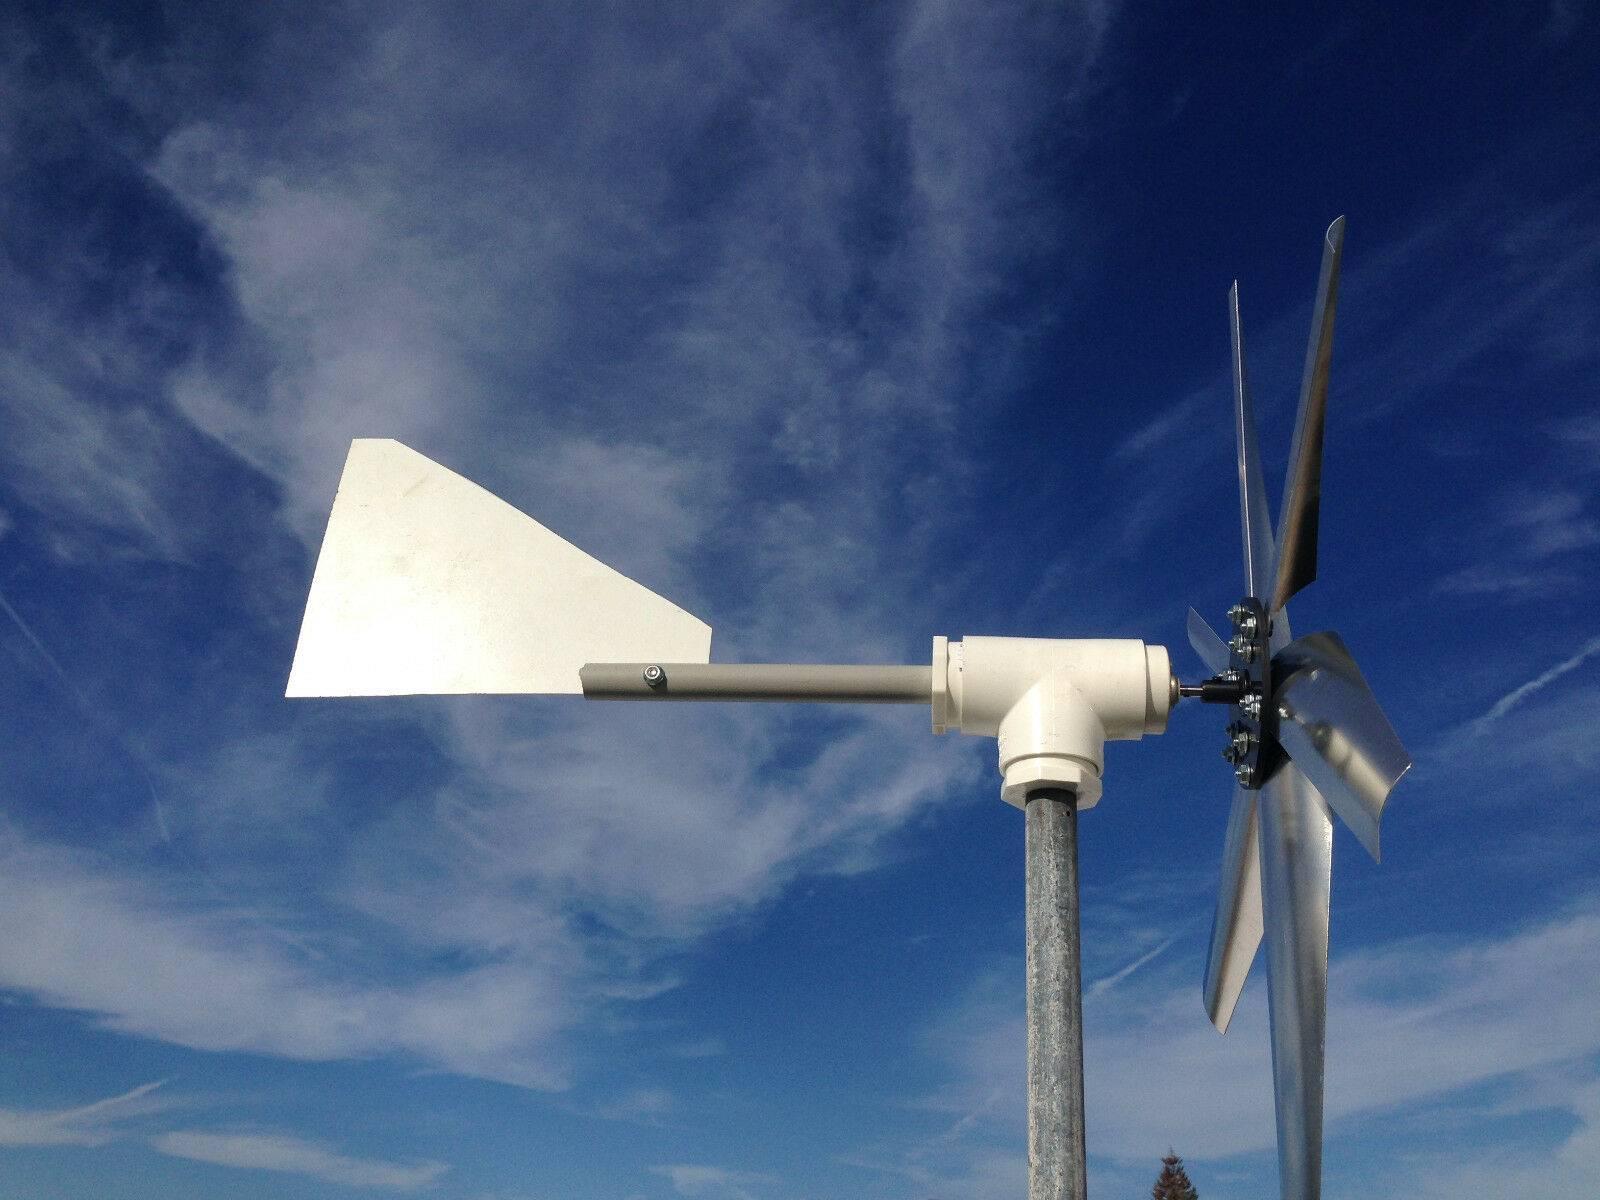 Выгоден ли ветрогенератор? расчет окупаемости устройства в условиях российской действительности